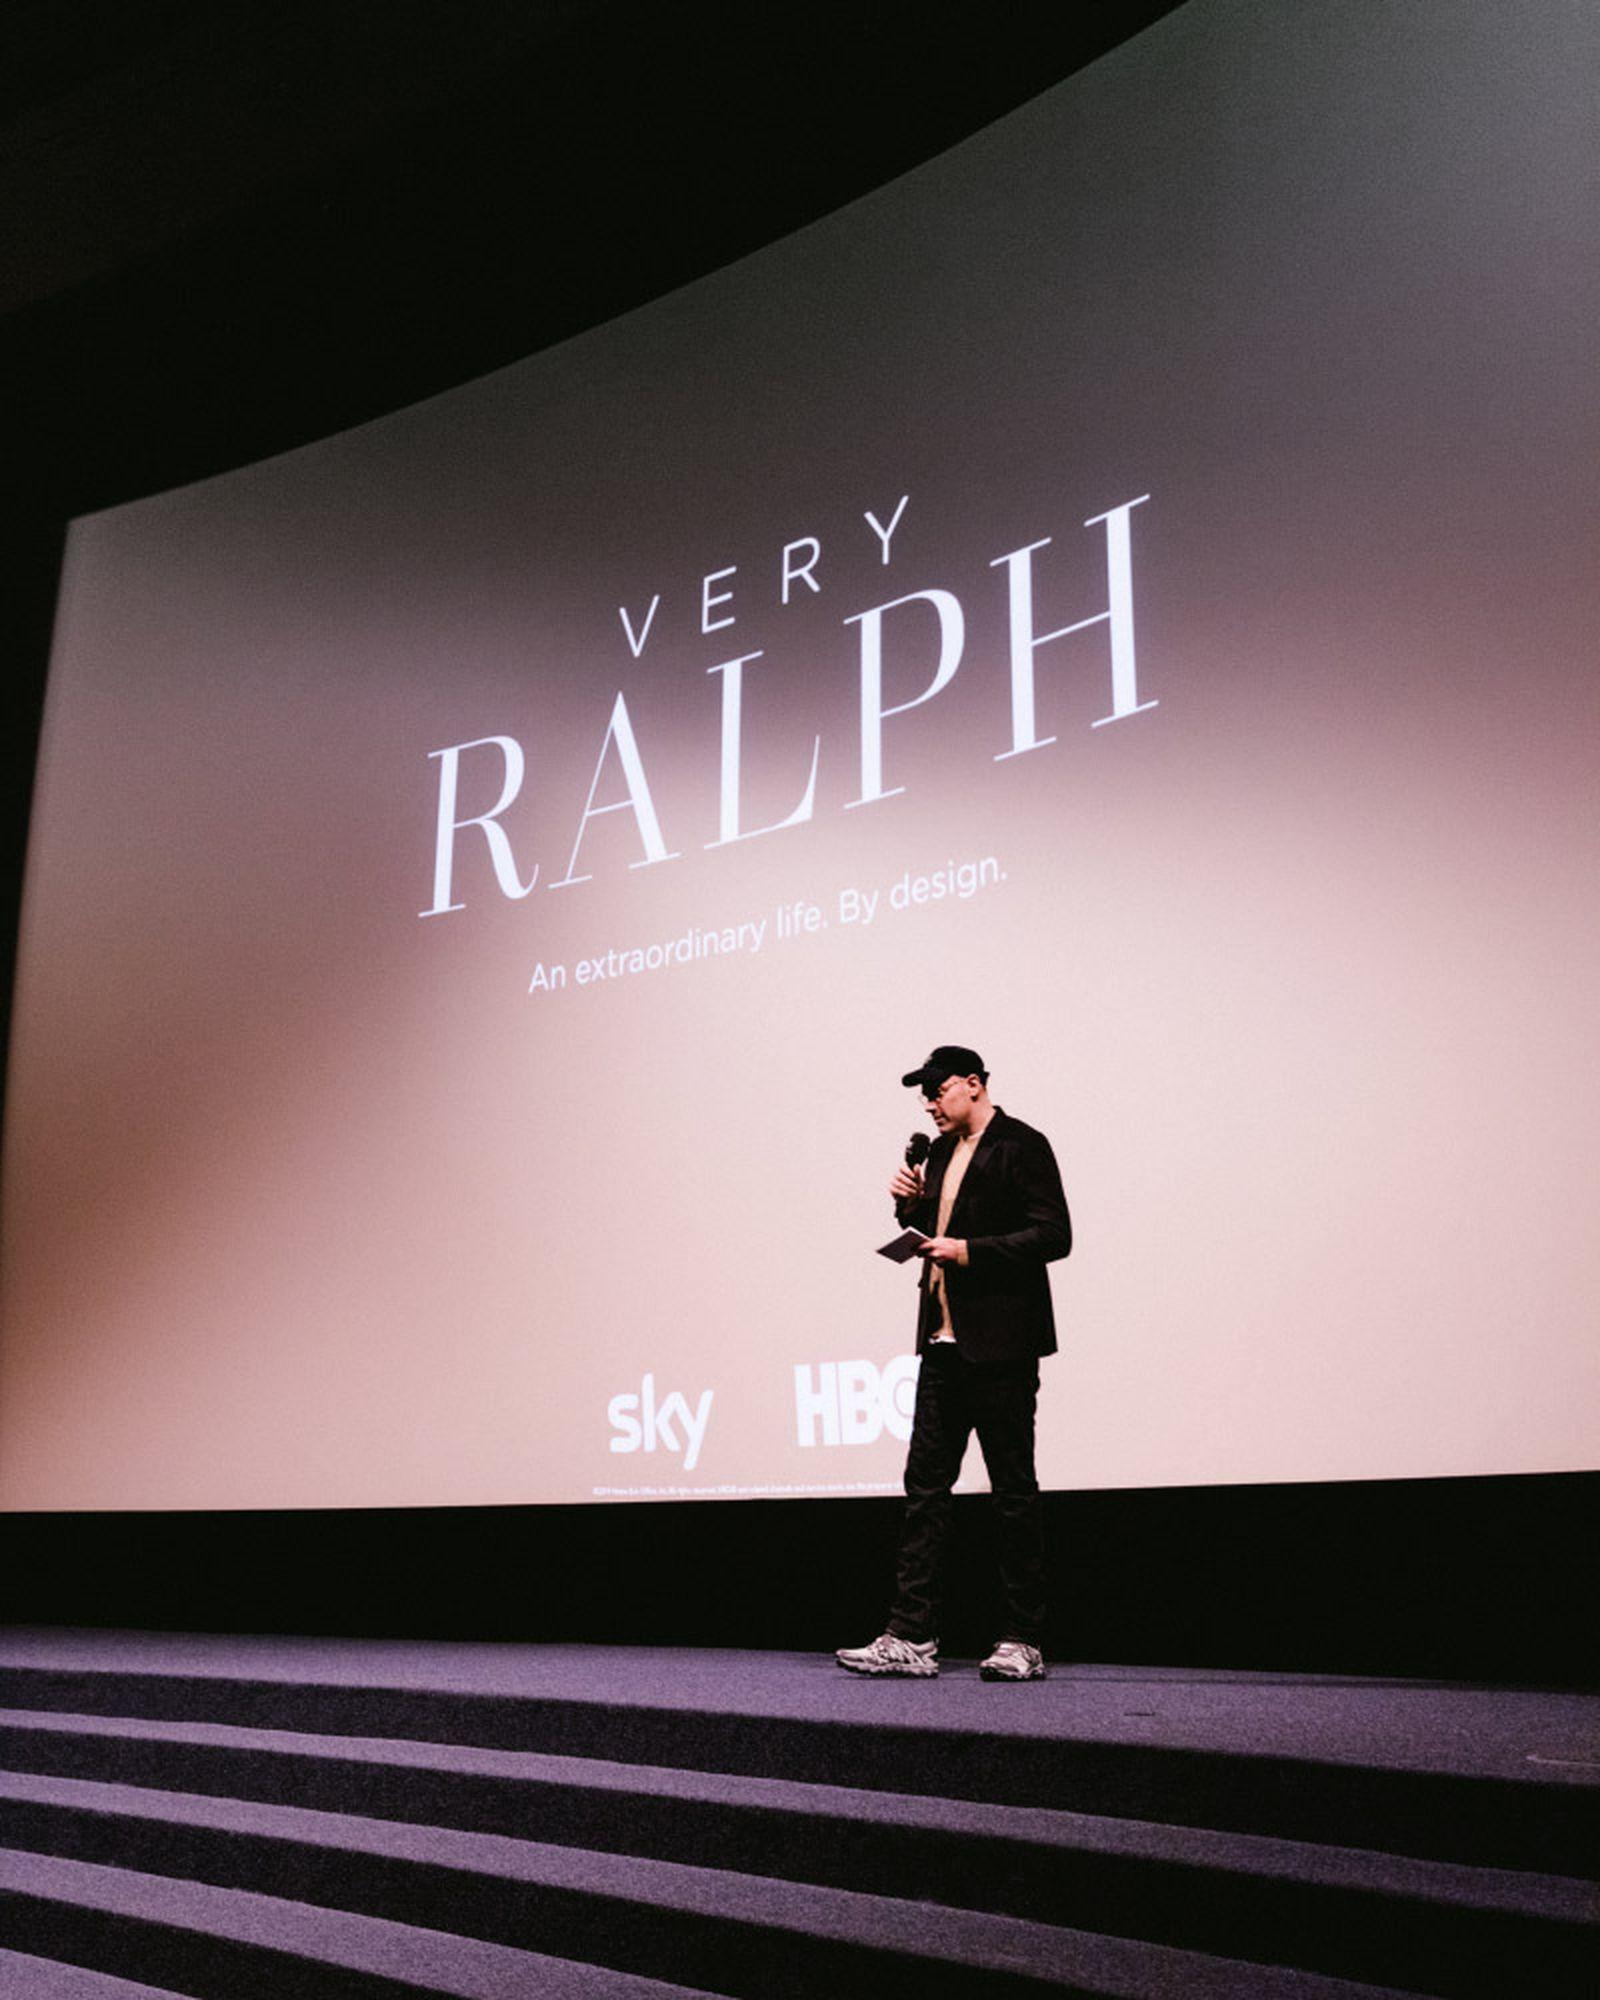 david-lauren-talks-very-ralph-design-philosophy-growing-up-ralph-lauren-06